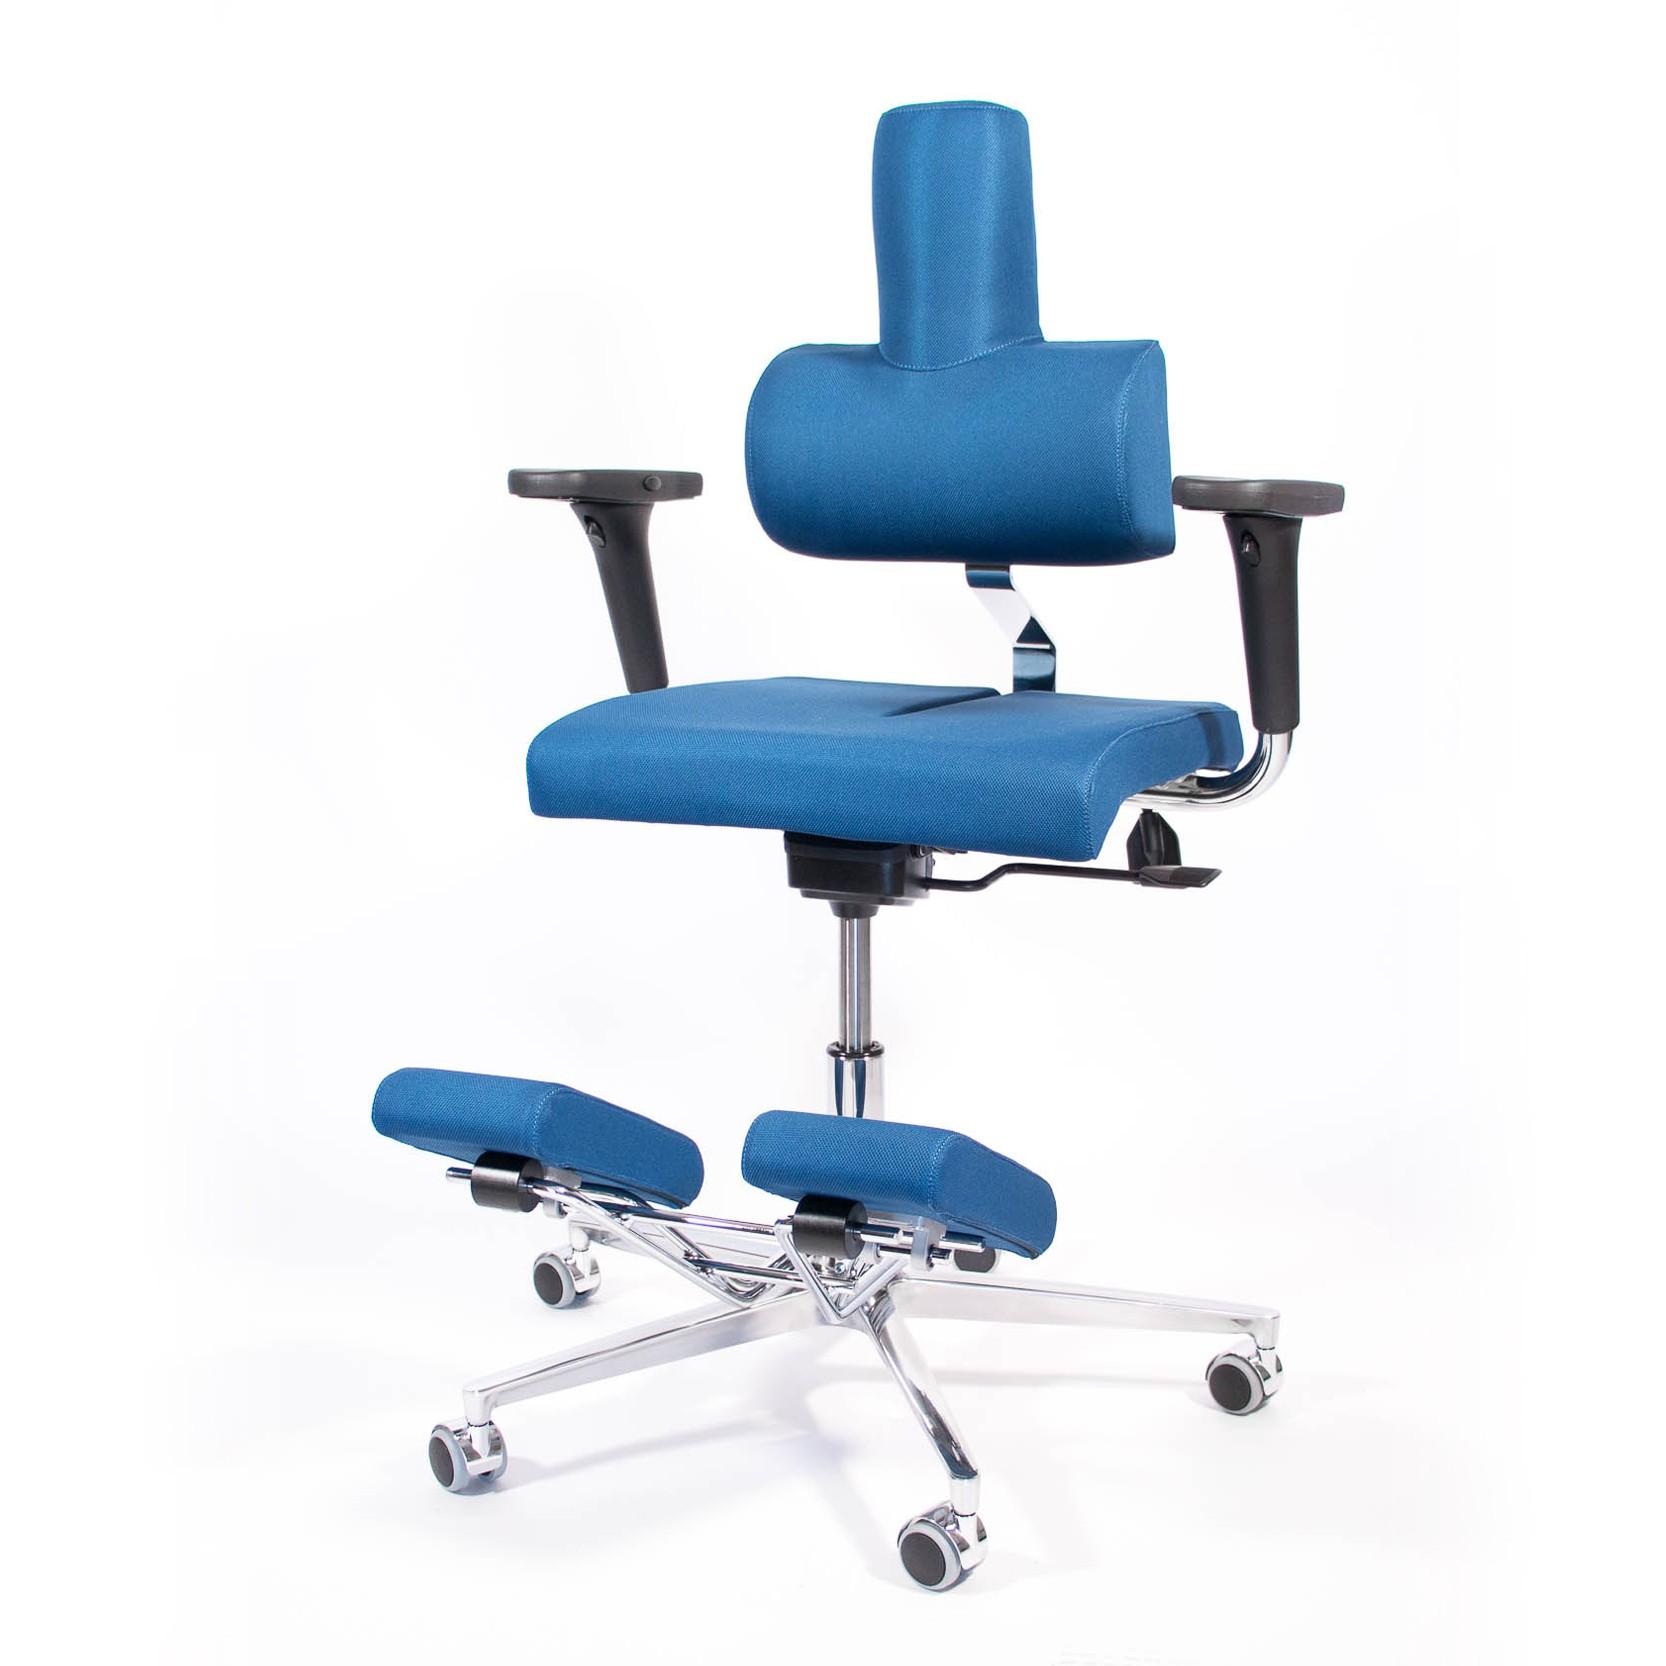 Komfort SPINE chair